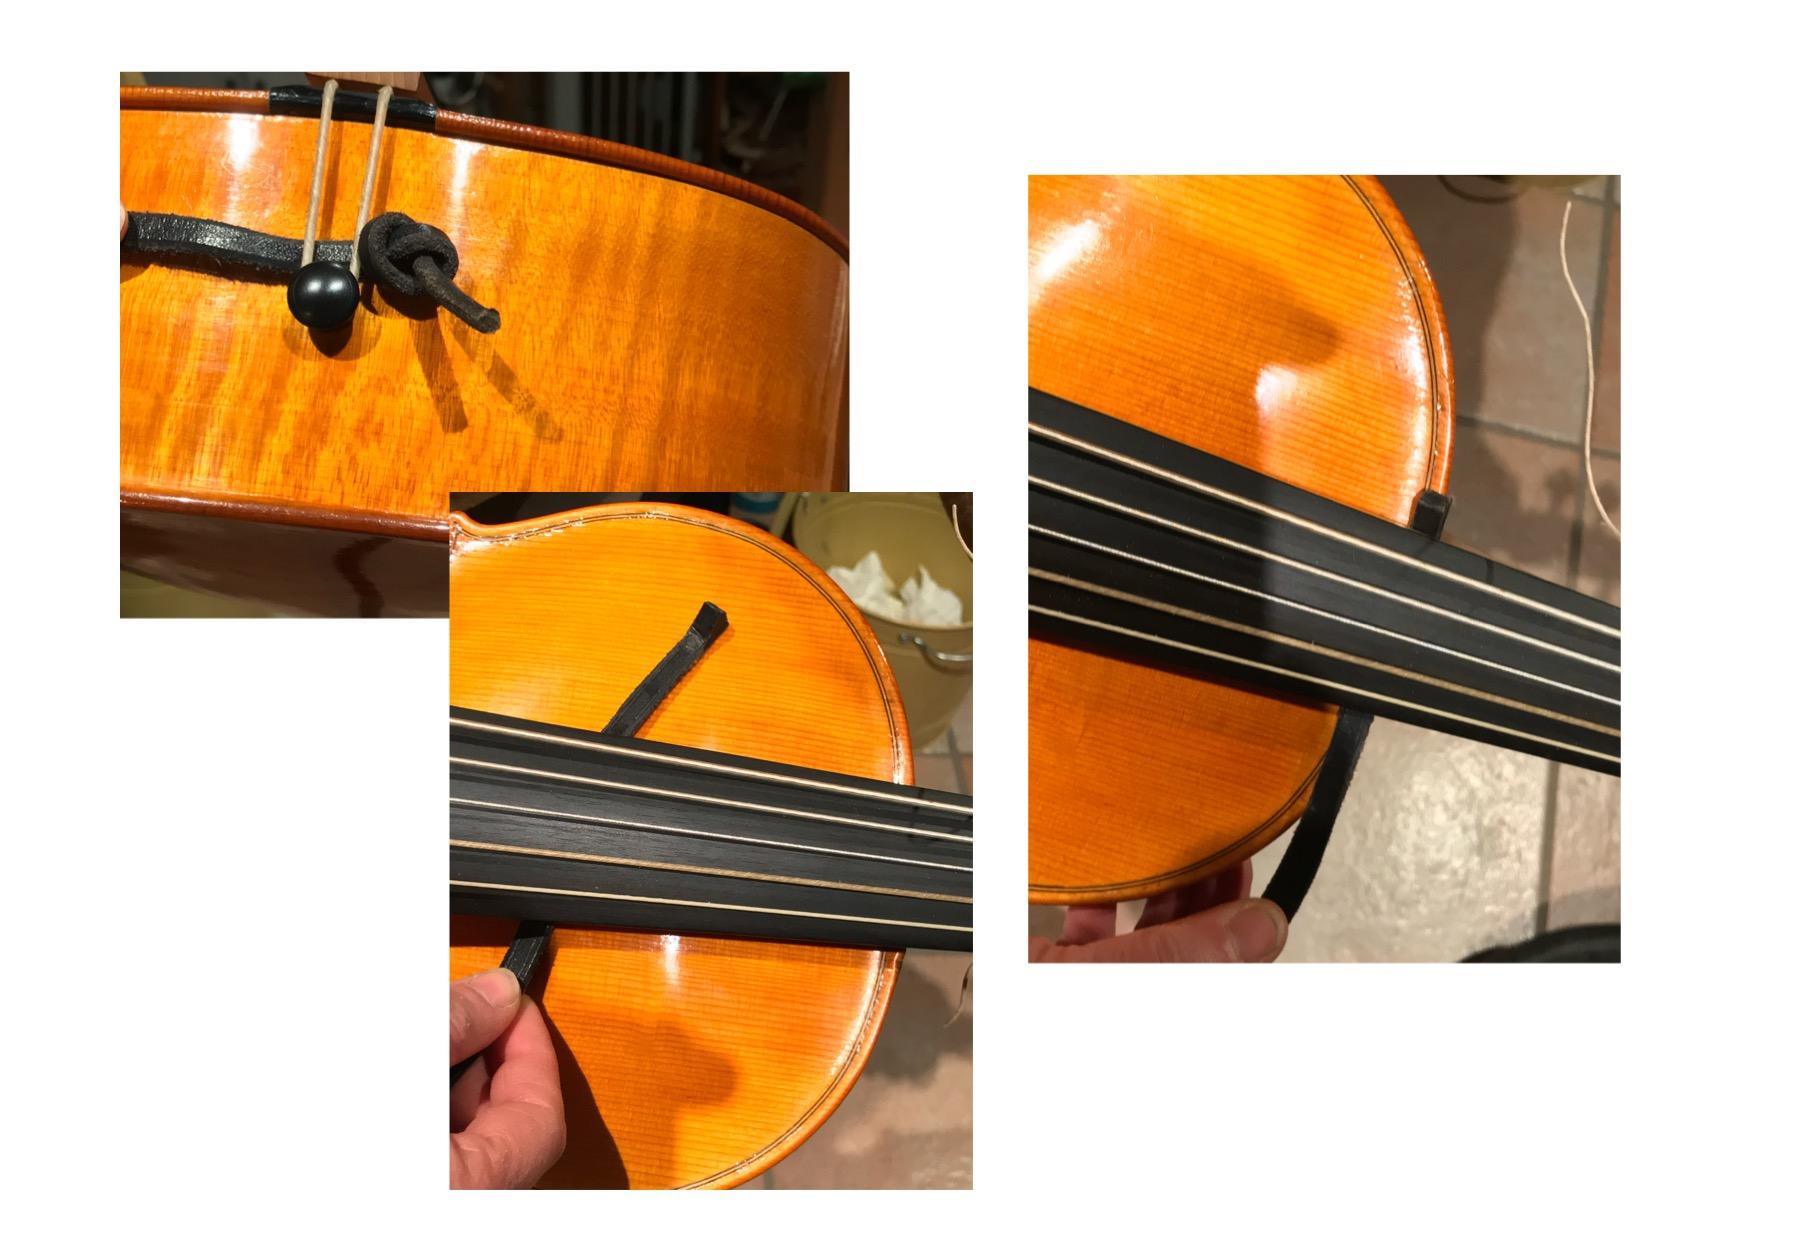 come usare la tracolla per il violoncello da spalla